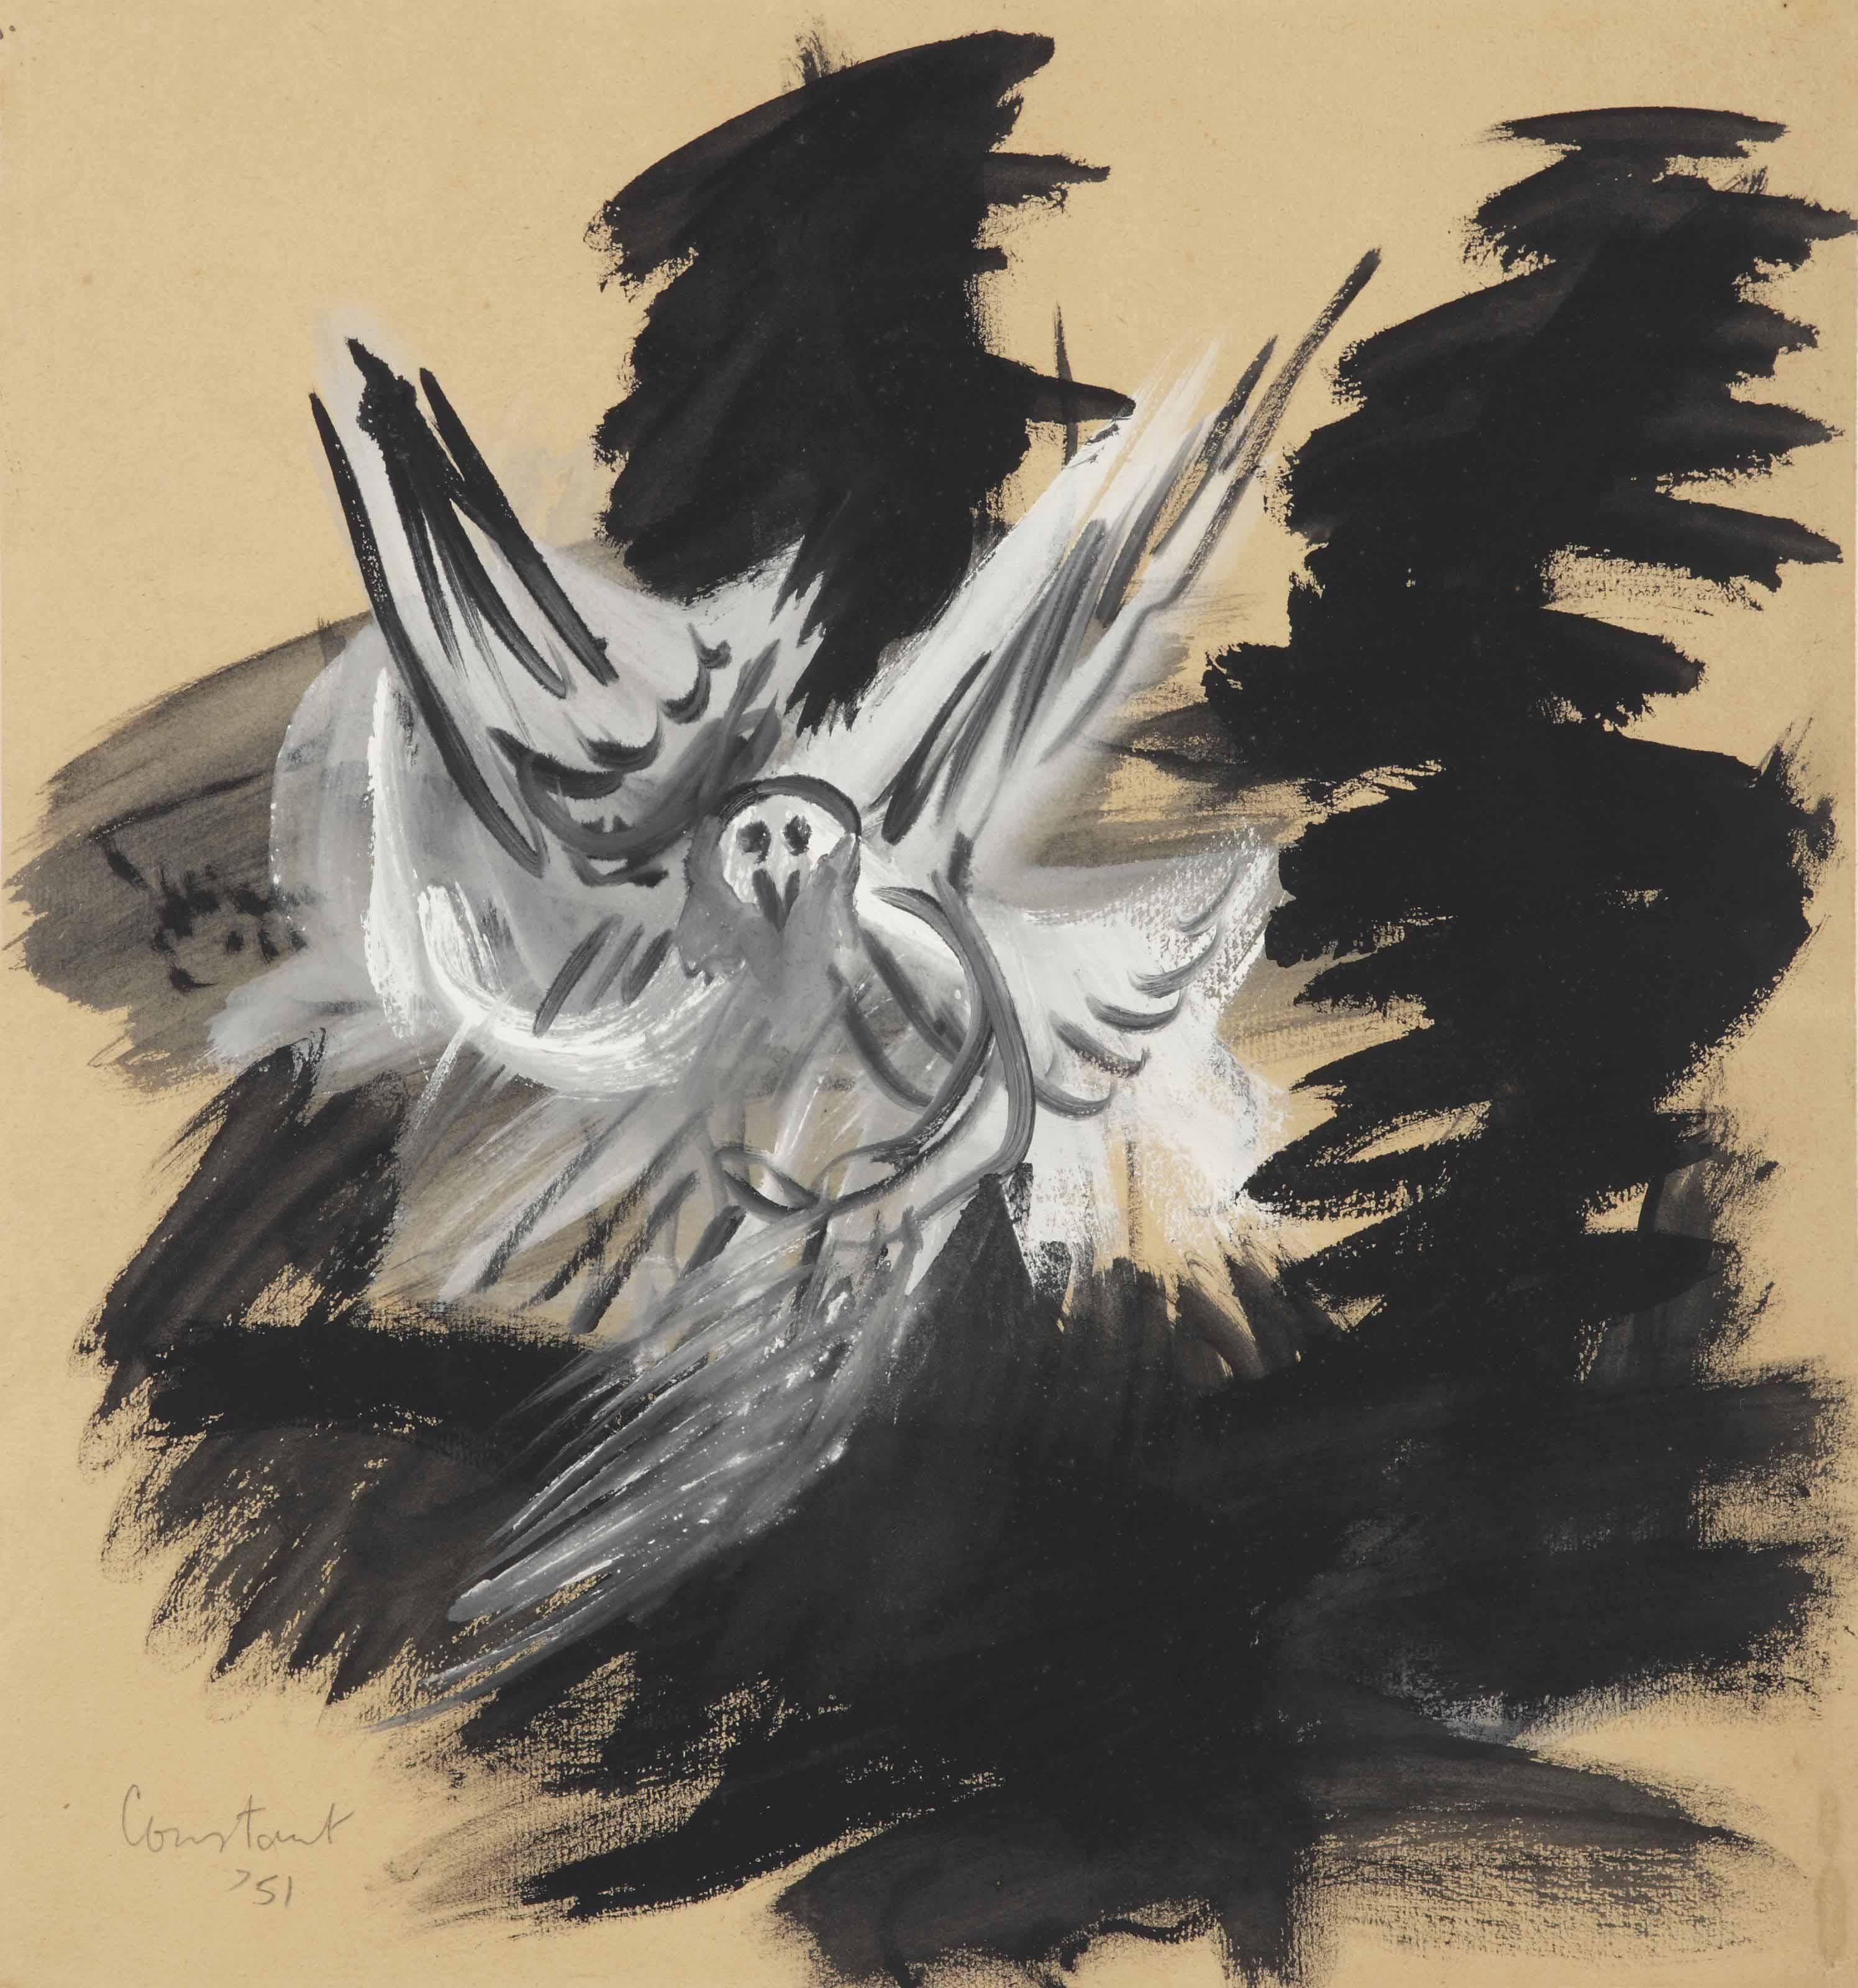 Verstrikte vogel (Wounded bird)